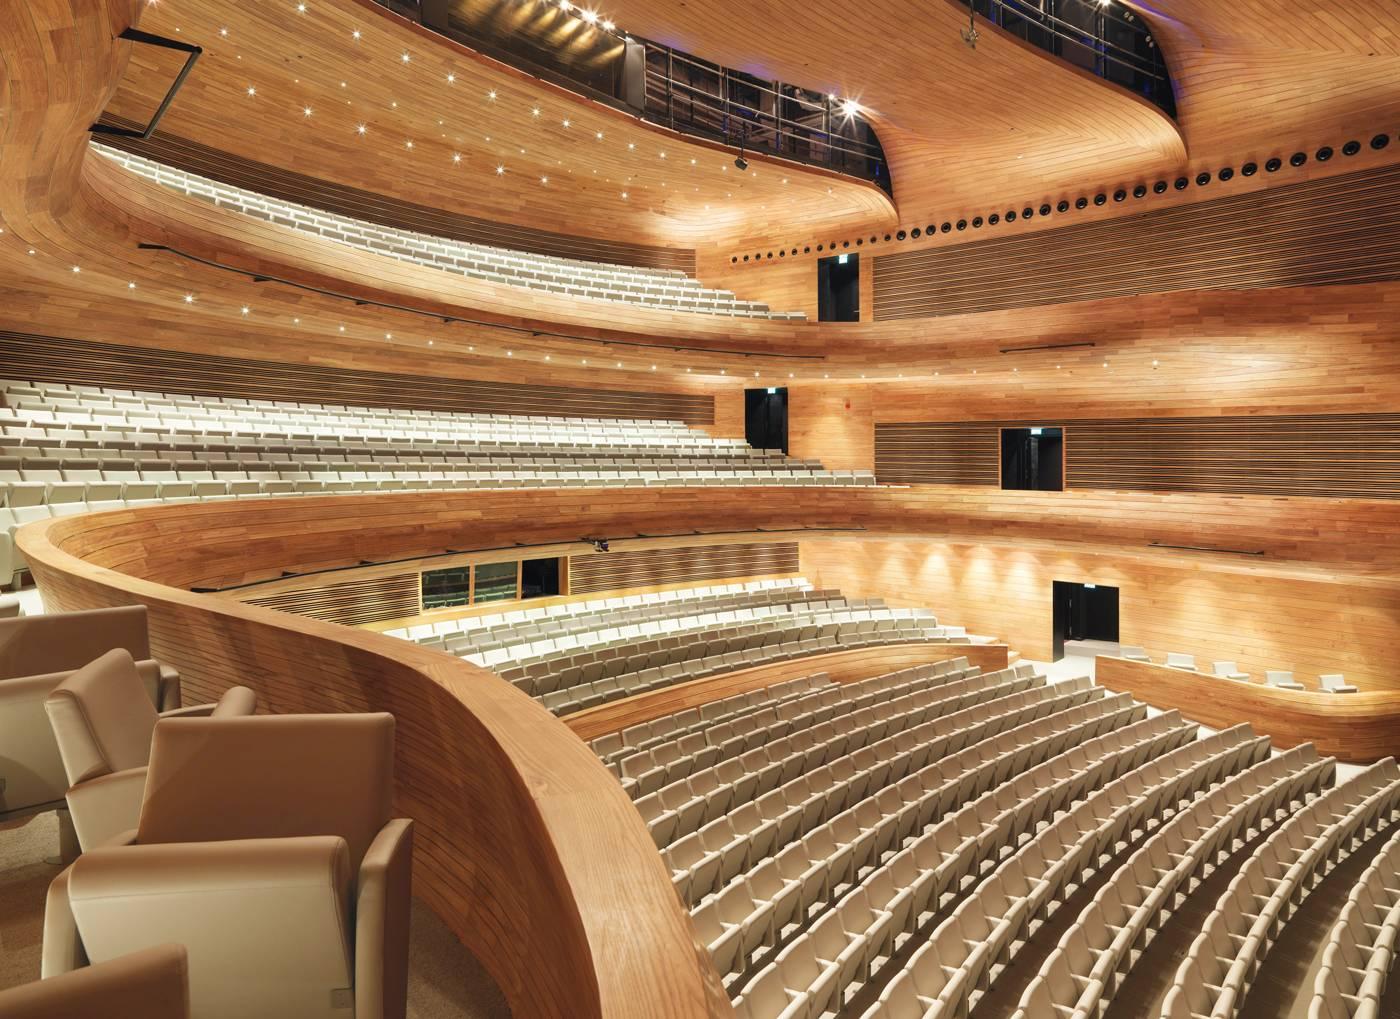 La salle aux  formes organiques  est entièrement  revêtue d'orme, bois sélectionné pour ses qualités acoustiques.